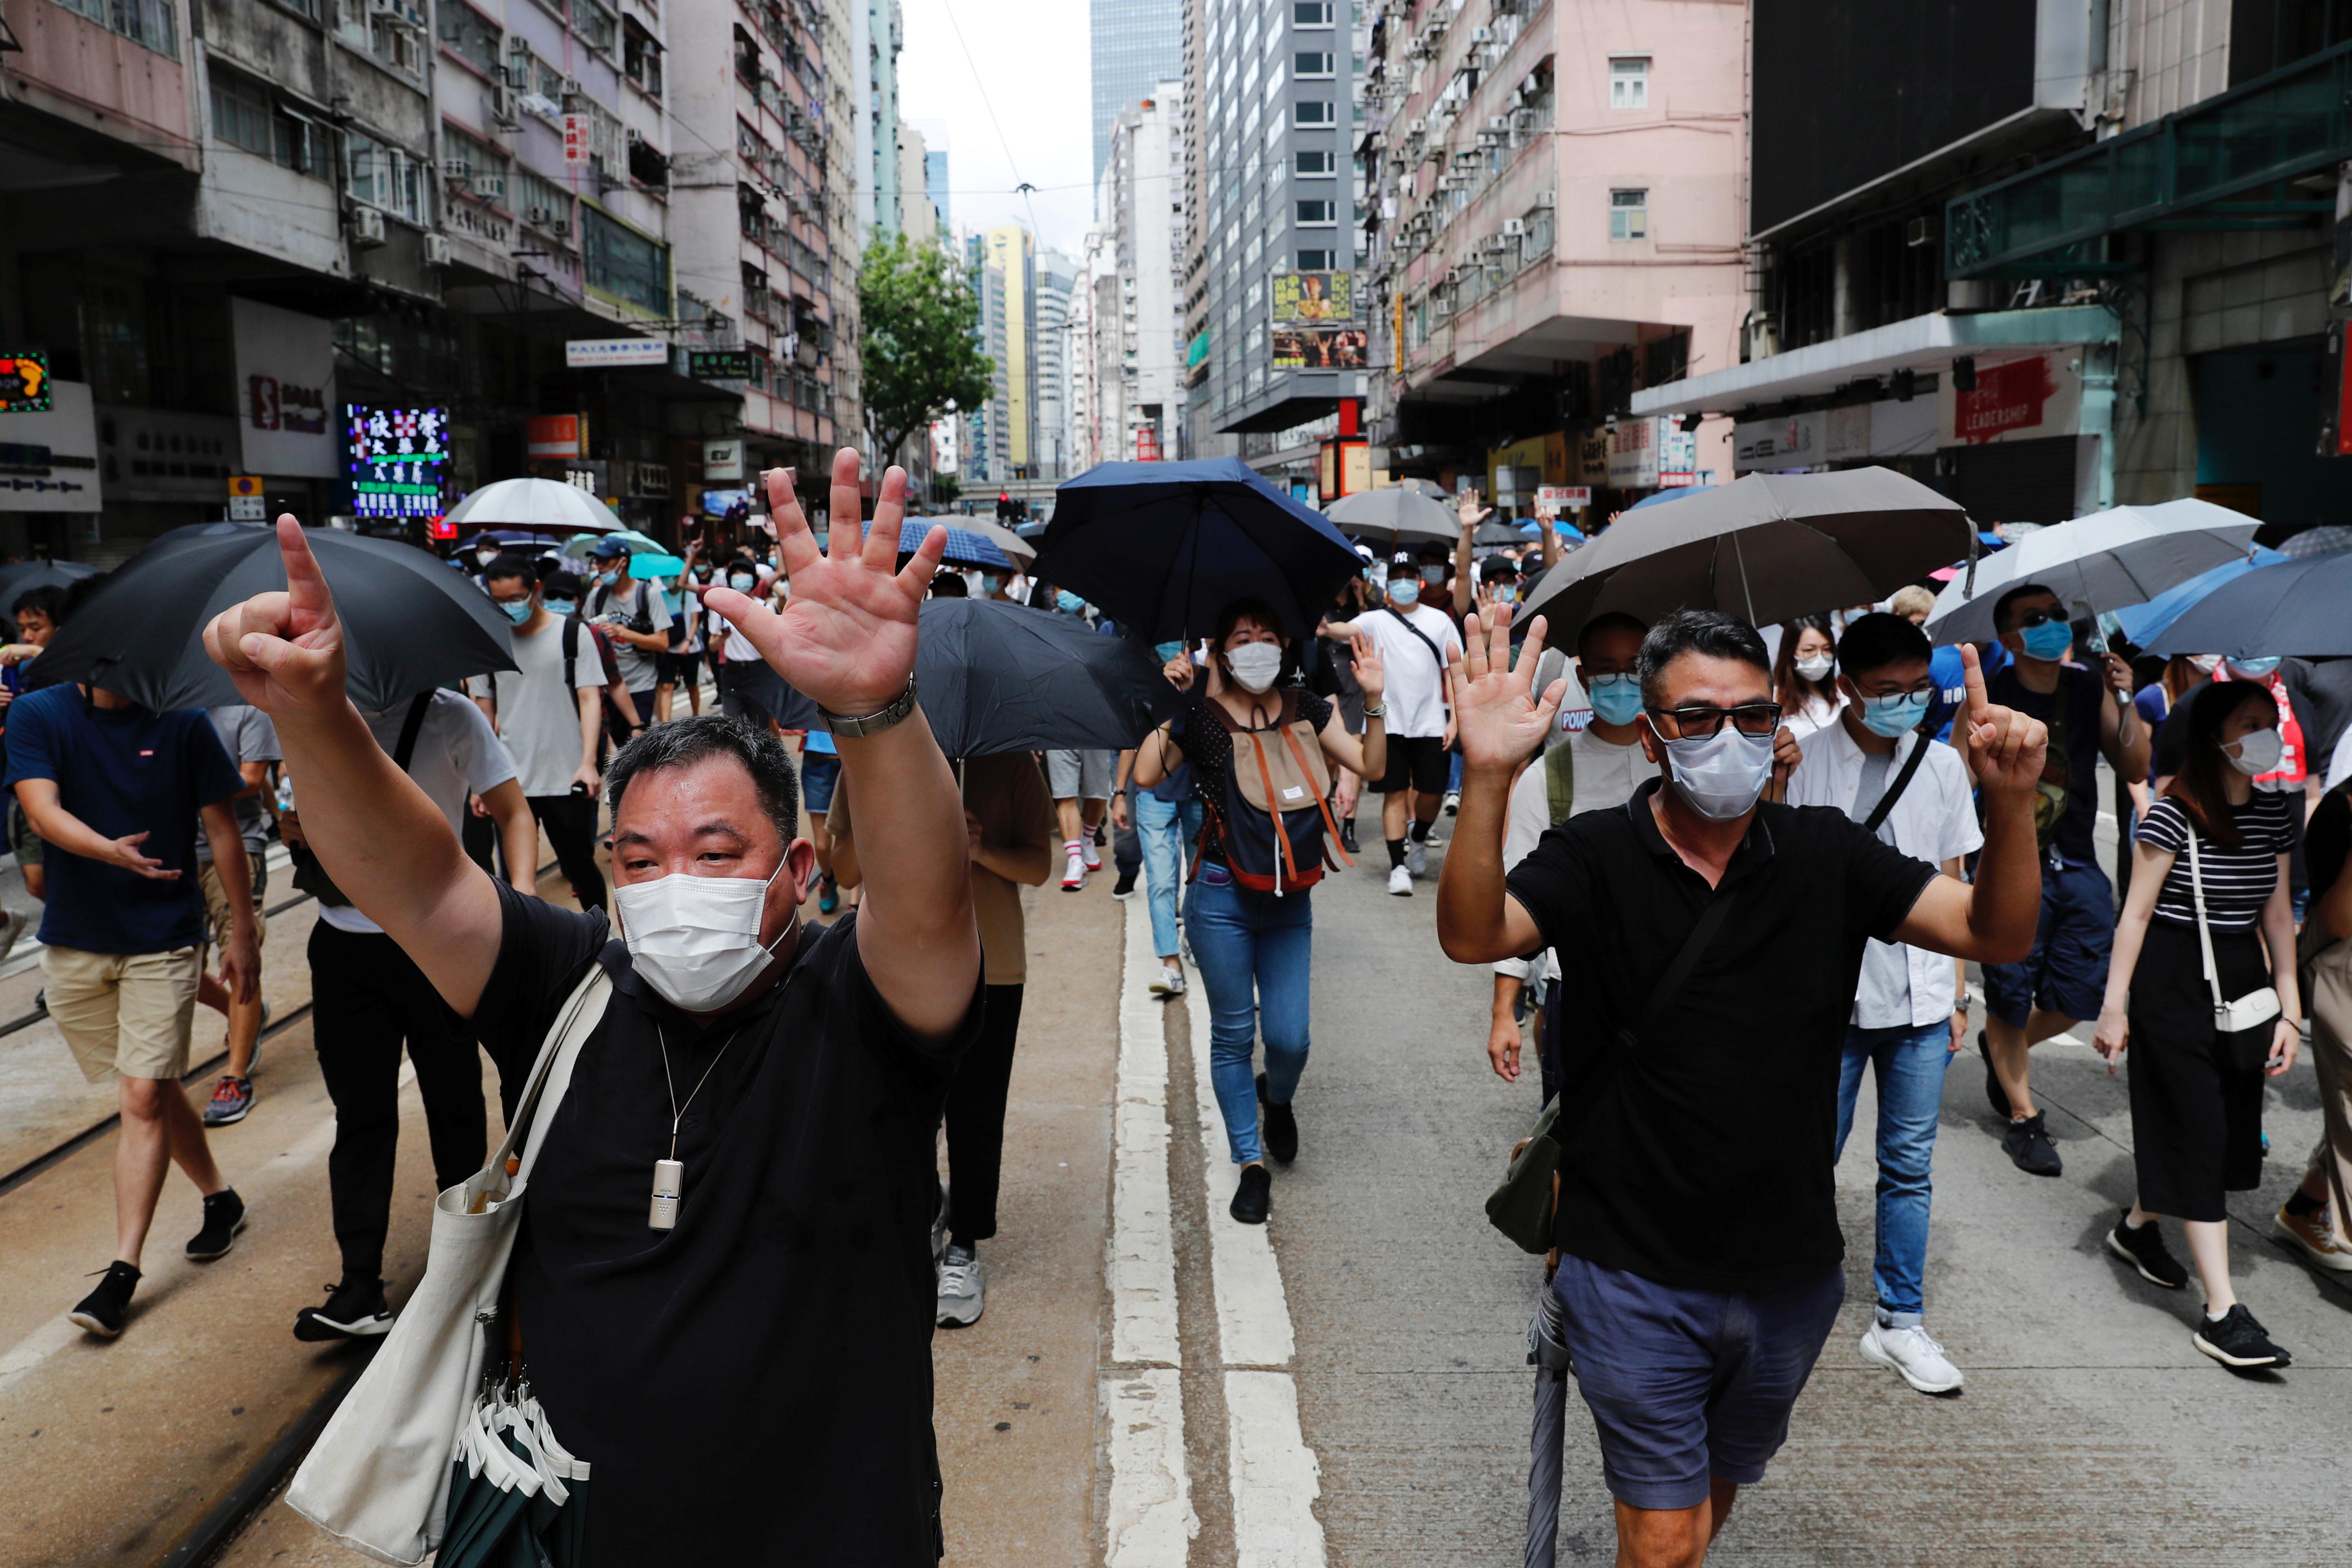 La ley de seguridad de Estado en Hong Kong, adoptada el martes, permite reprimir cuatro tipos de delitos contra la seguridad del Estado: las actividades subversivas, la secesión, el terrorismo y la colusión con fuerzas extranjeras para poner en peligro la seguridad nacional